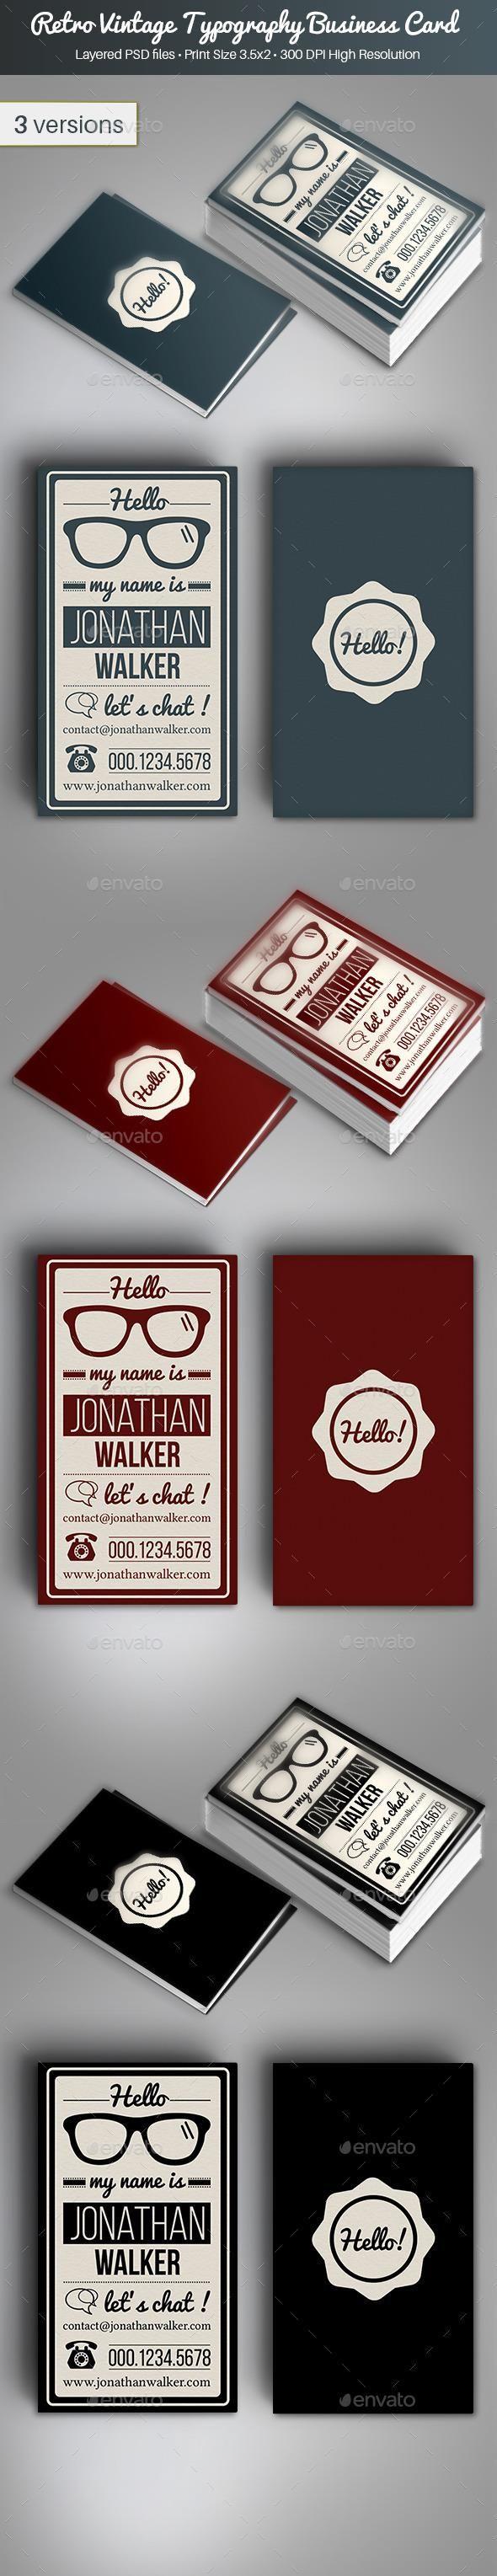 Retro vintage typography business card vintage typography retro vintage typography business card magicingreecefo Gallery